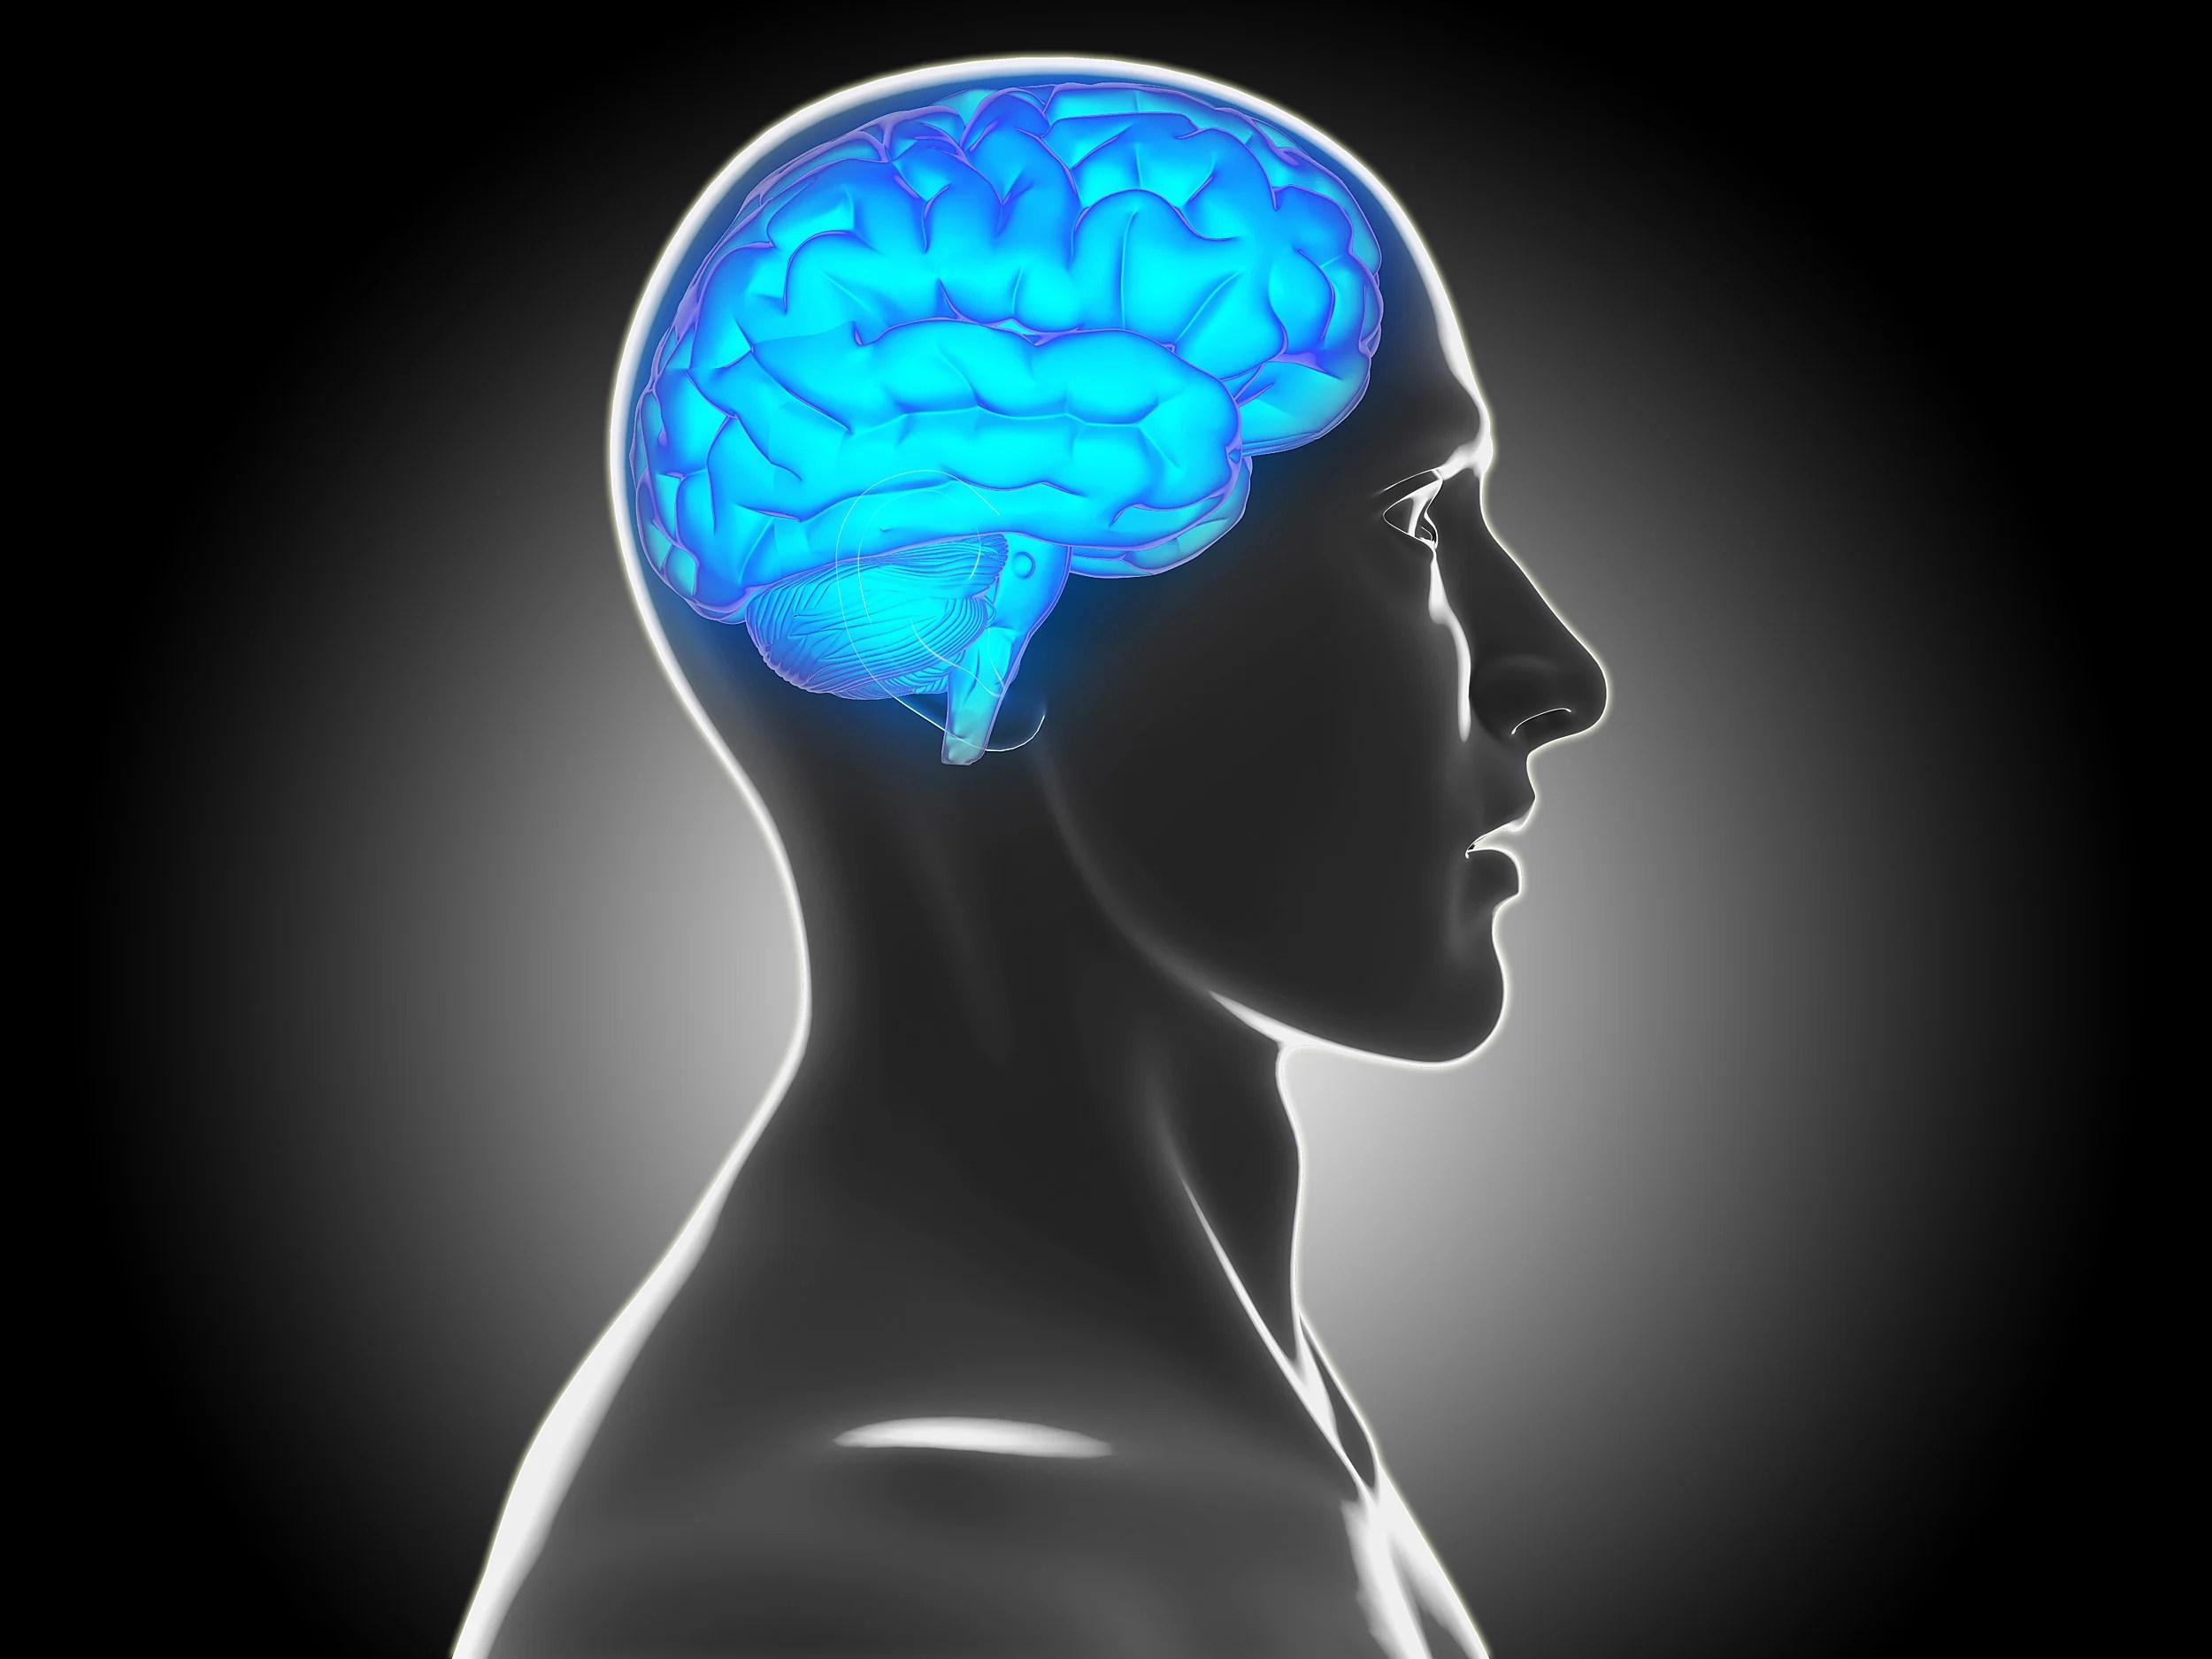 Clues to Slacker Behavior Found in Brain